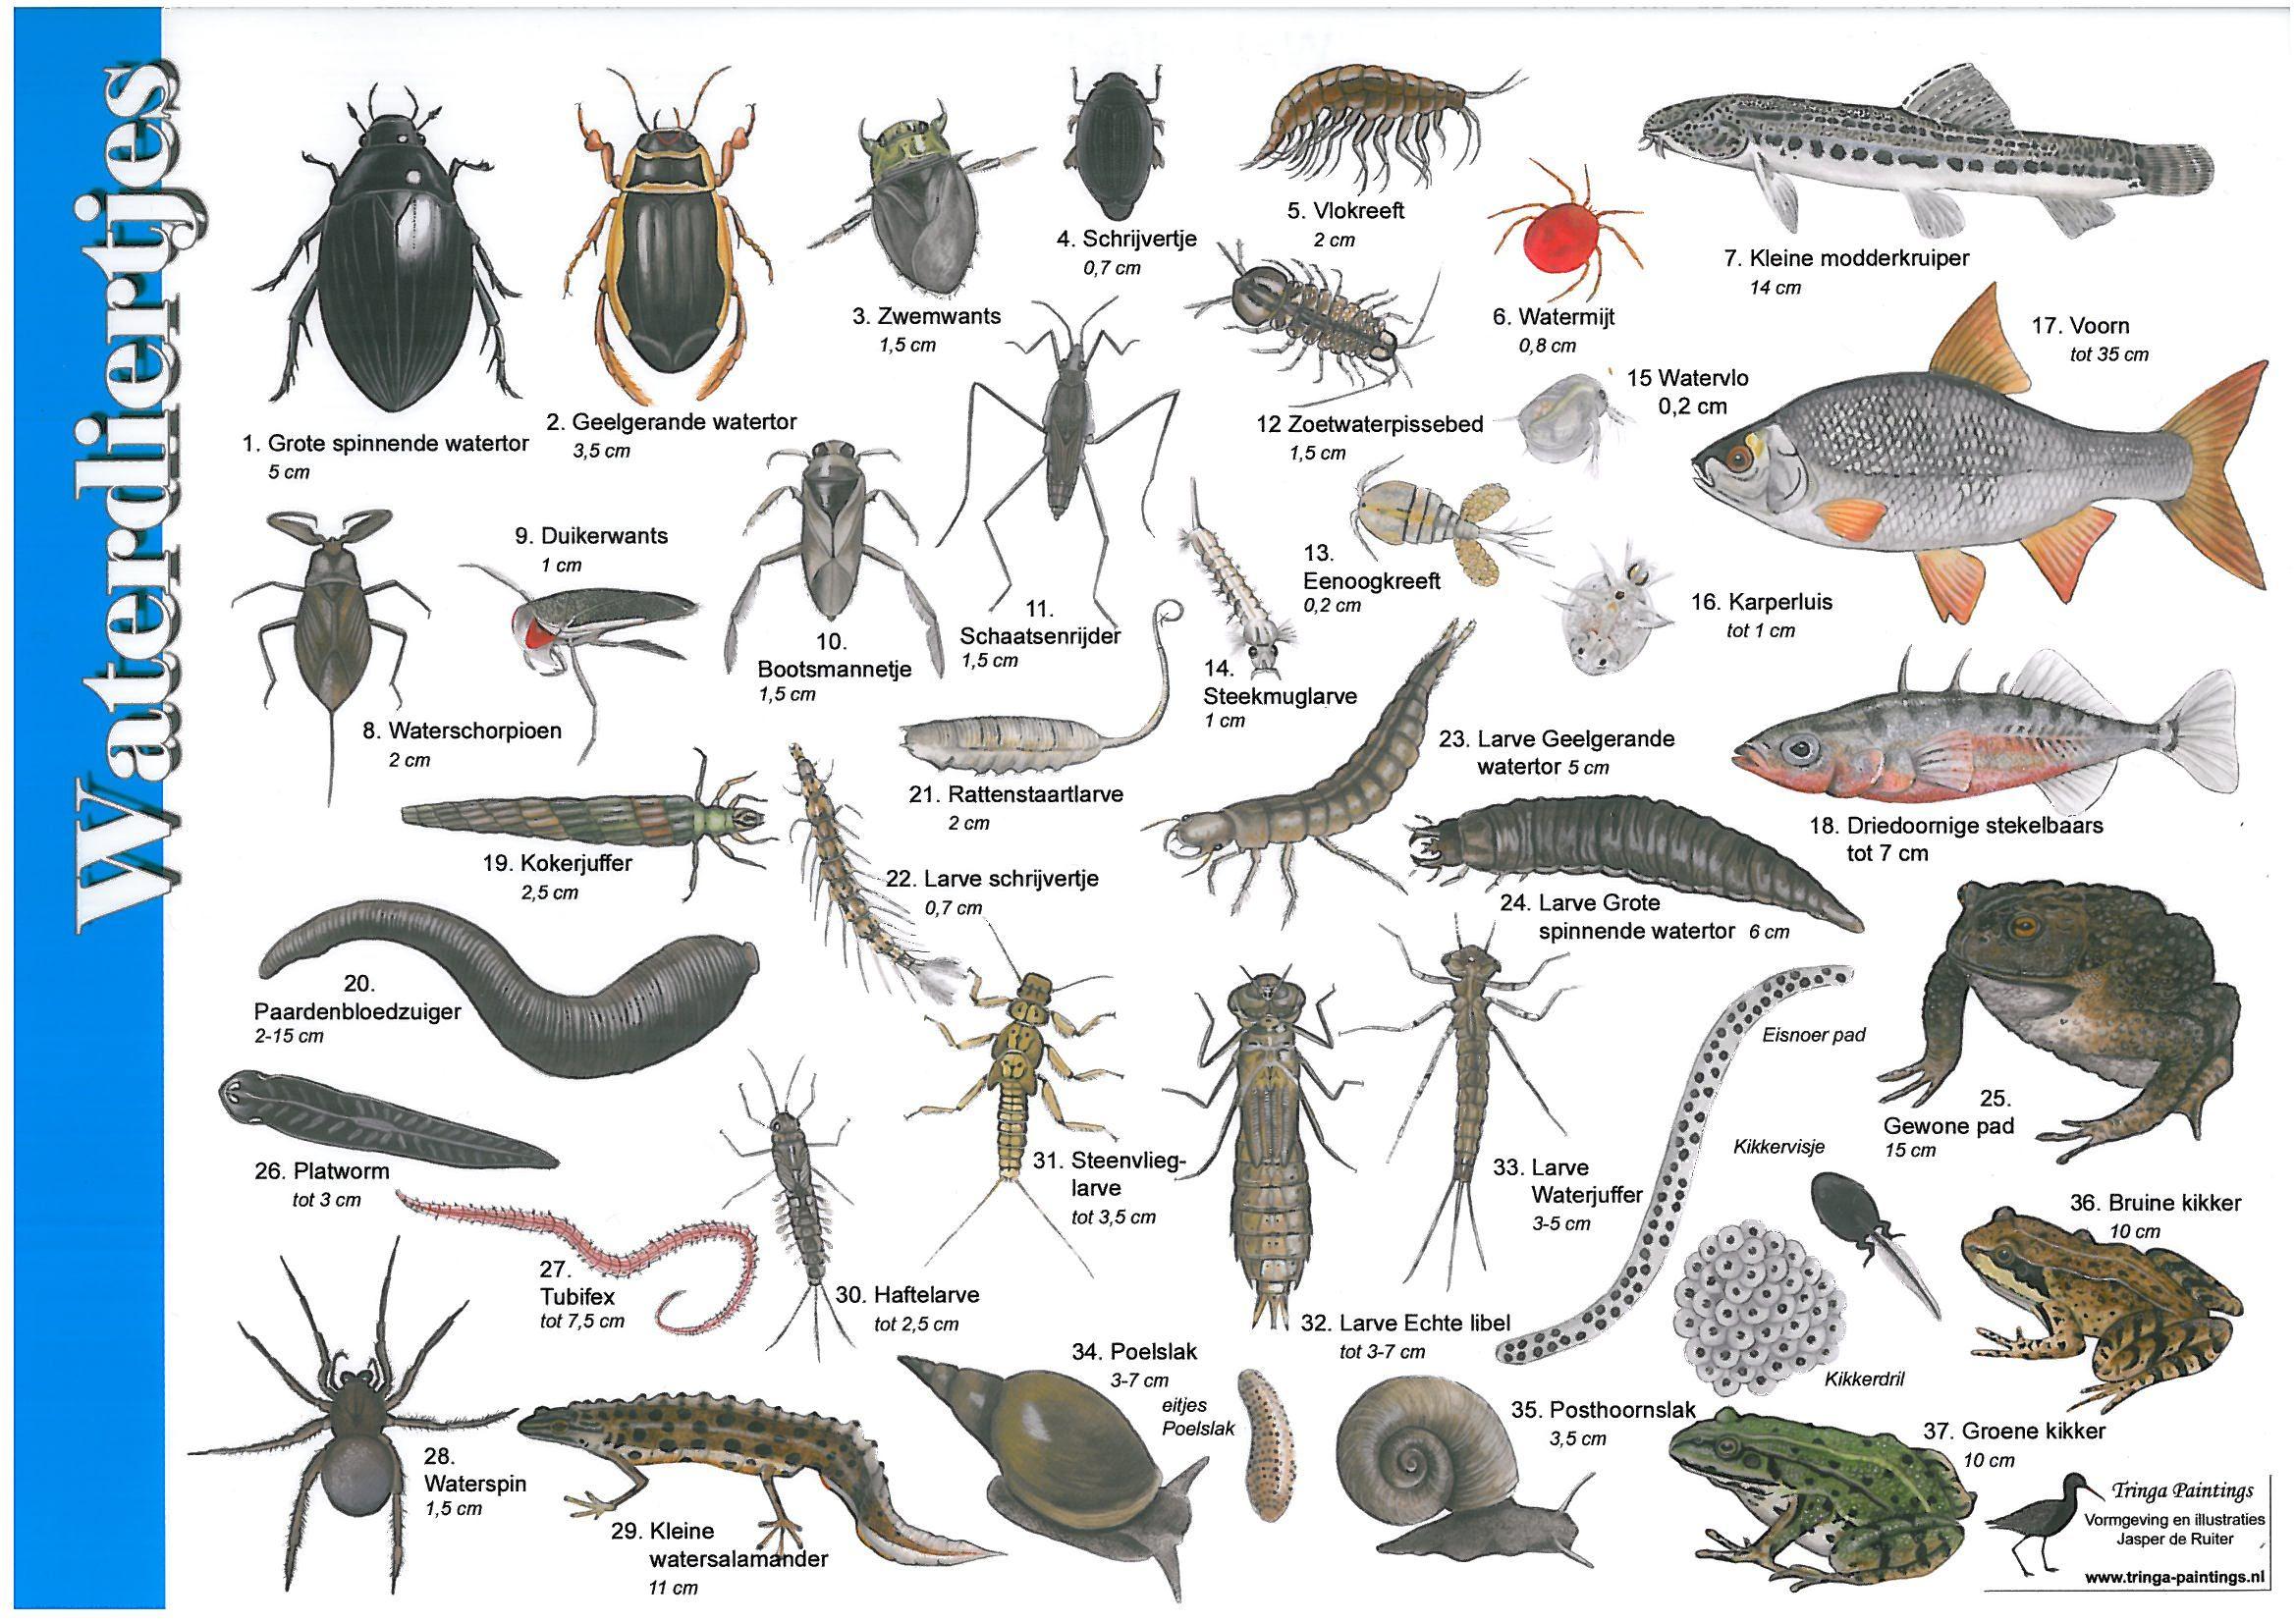 Afbeeldingsresultaat voor waterdiertjes zoekkaart